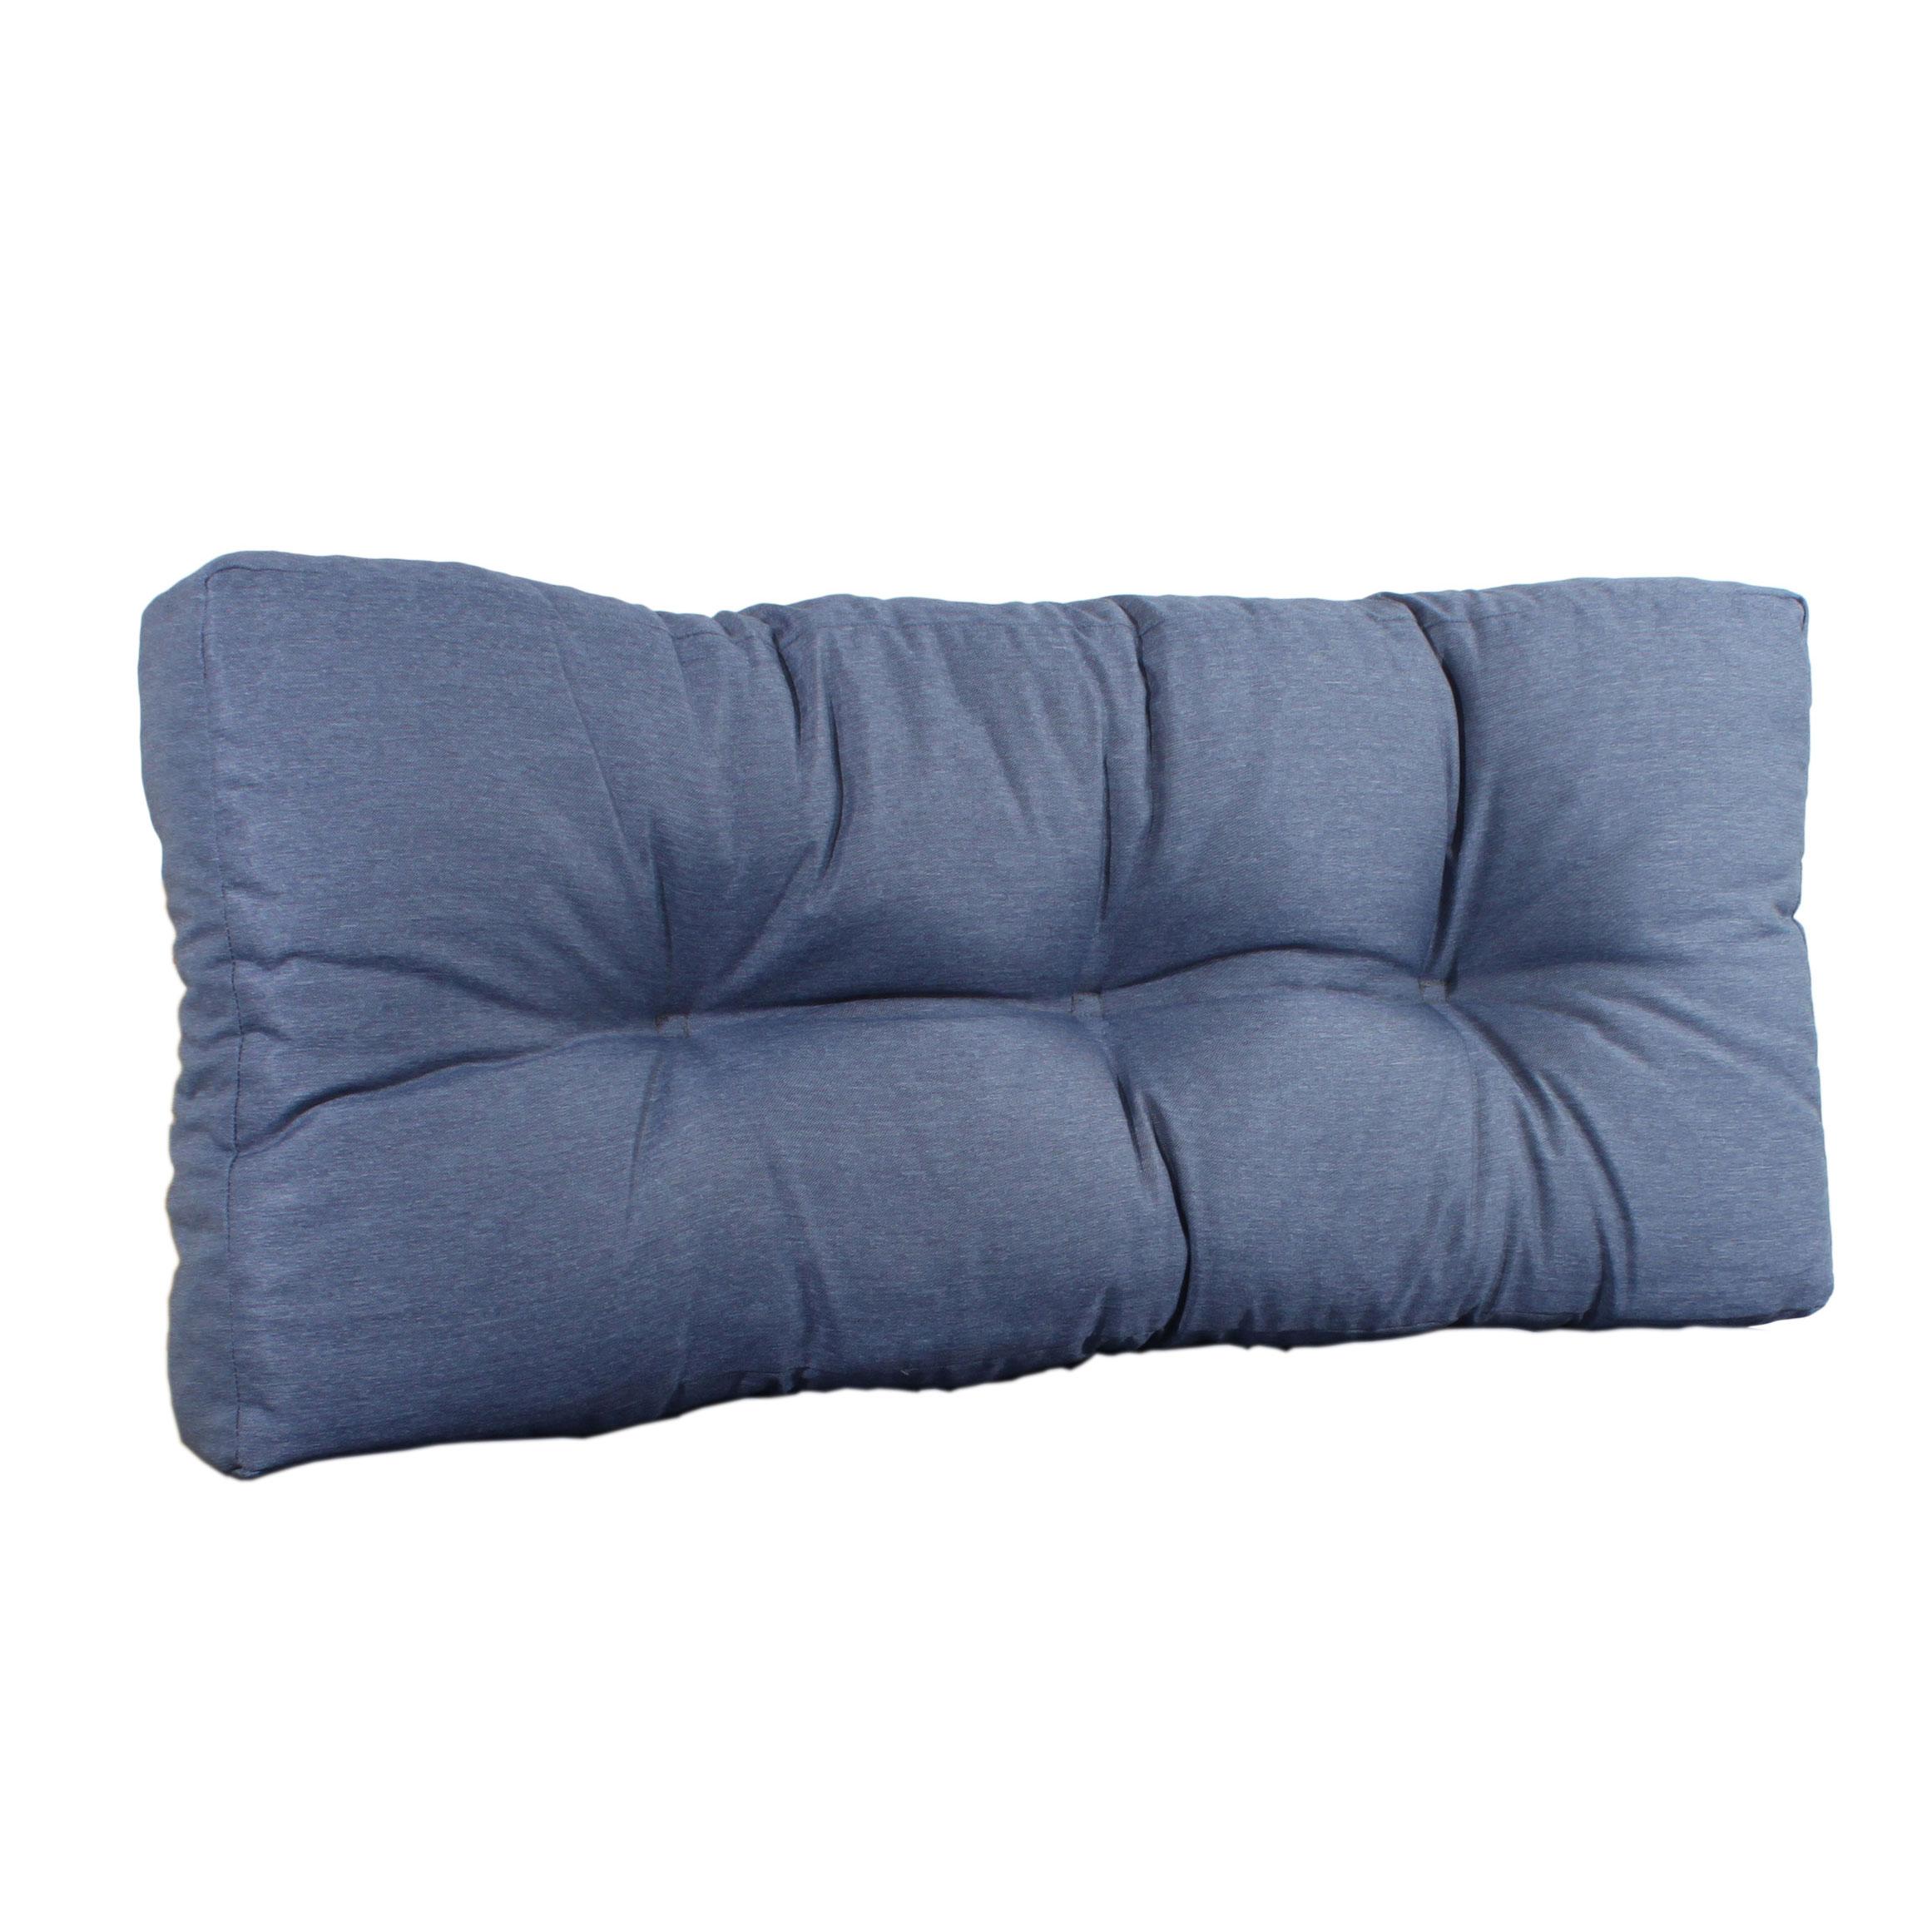 Rückenlehne 50cm für EUR-Paletten blau